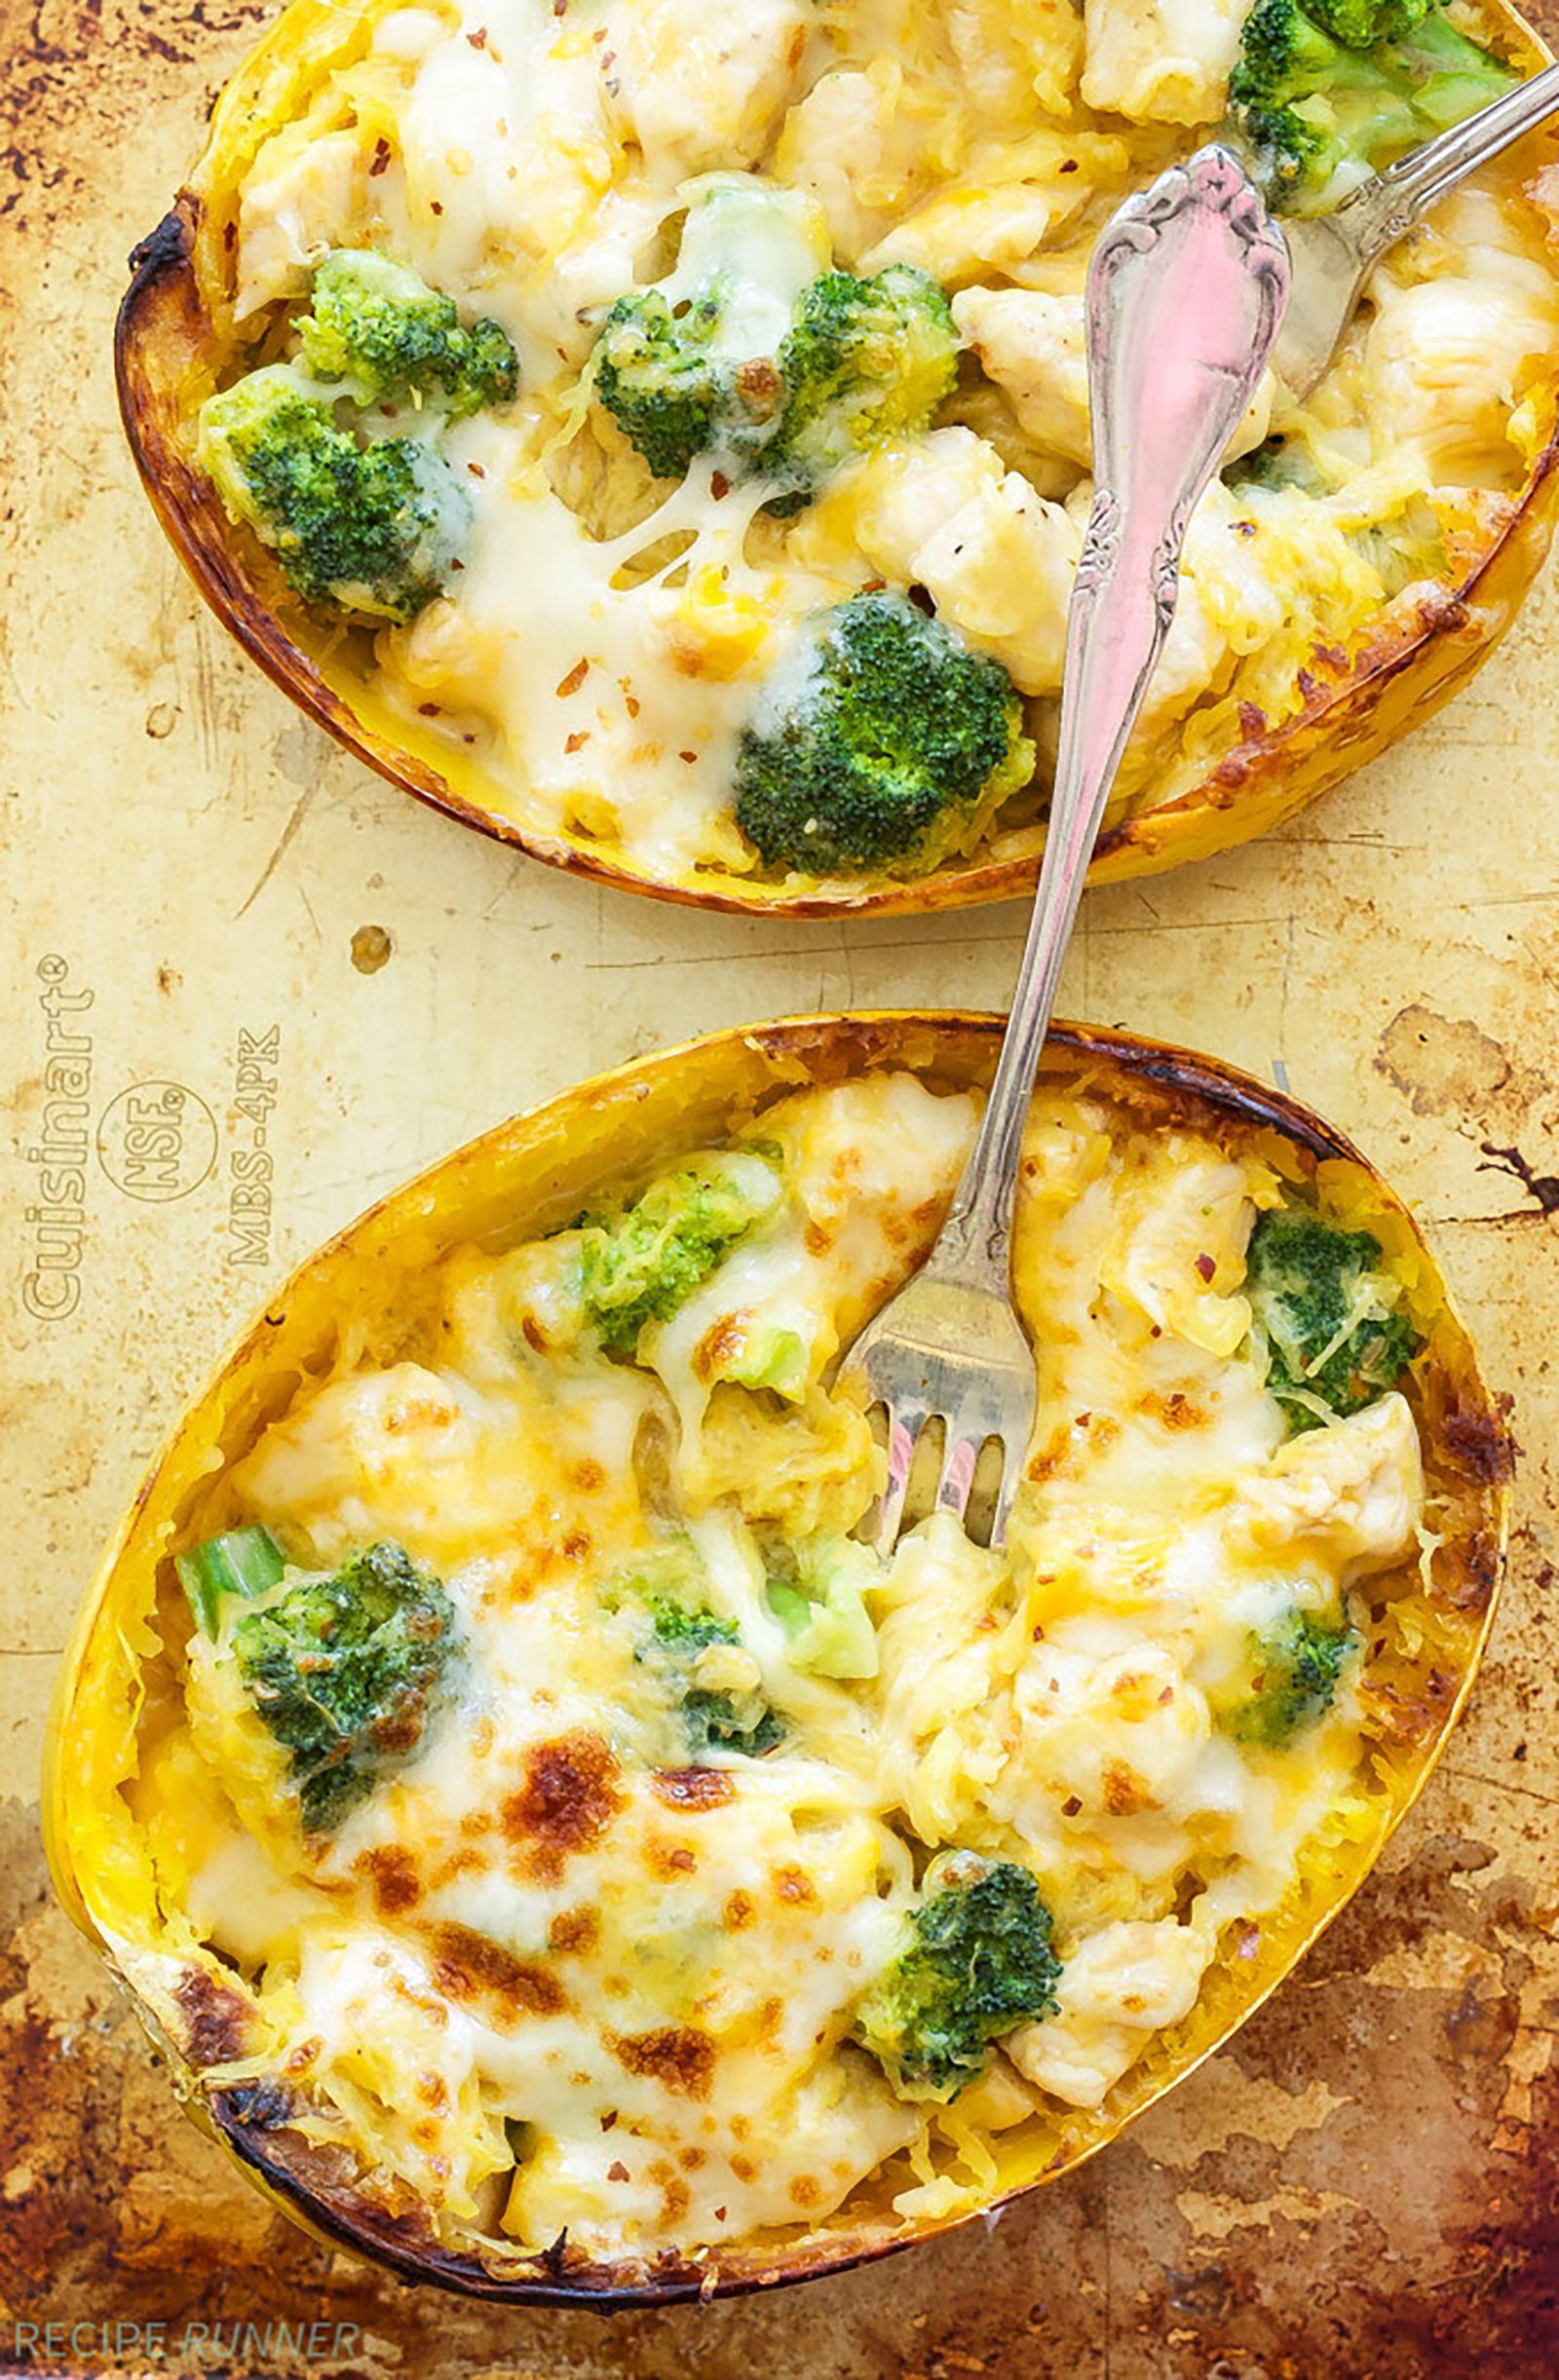 The Best Spaghetti Squash Recipes That Won't Make You Miss Pasta #stuffedspaghettisquash